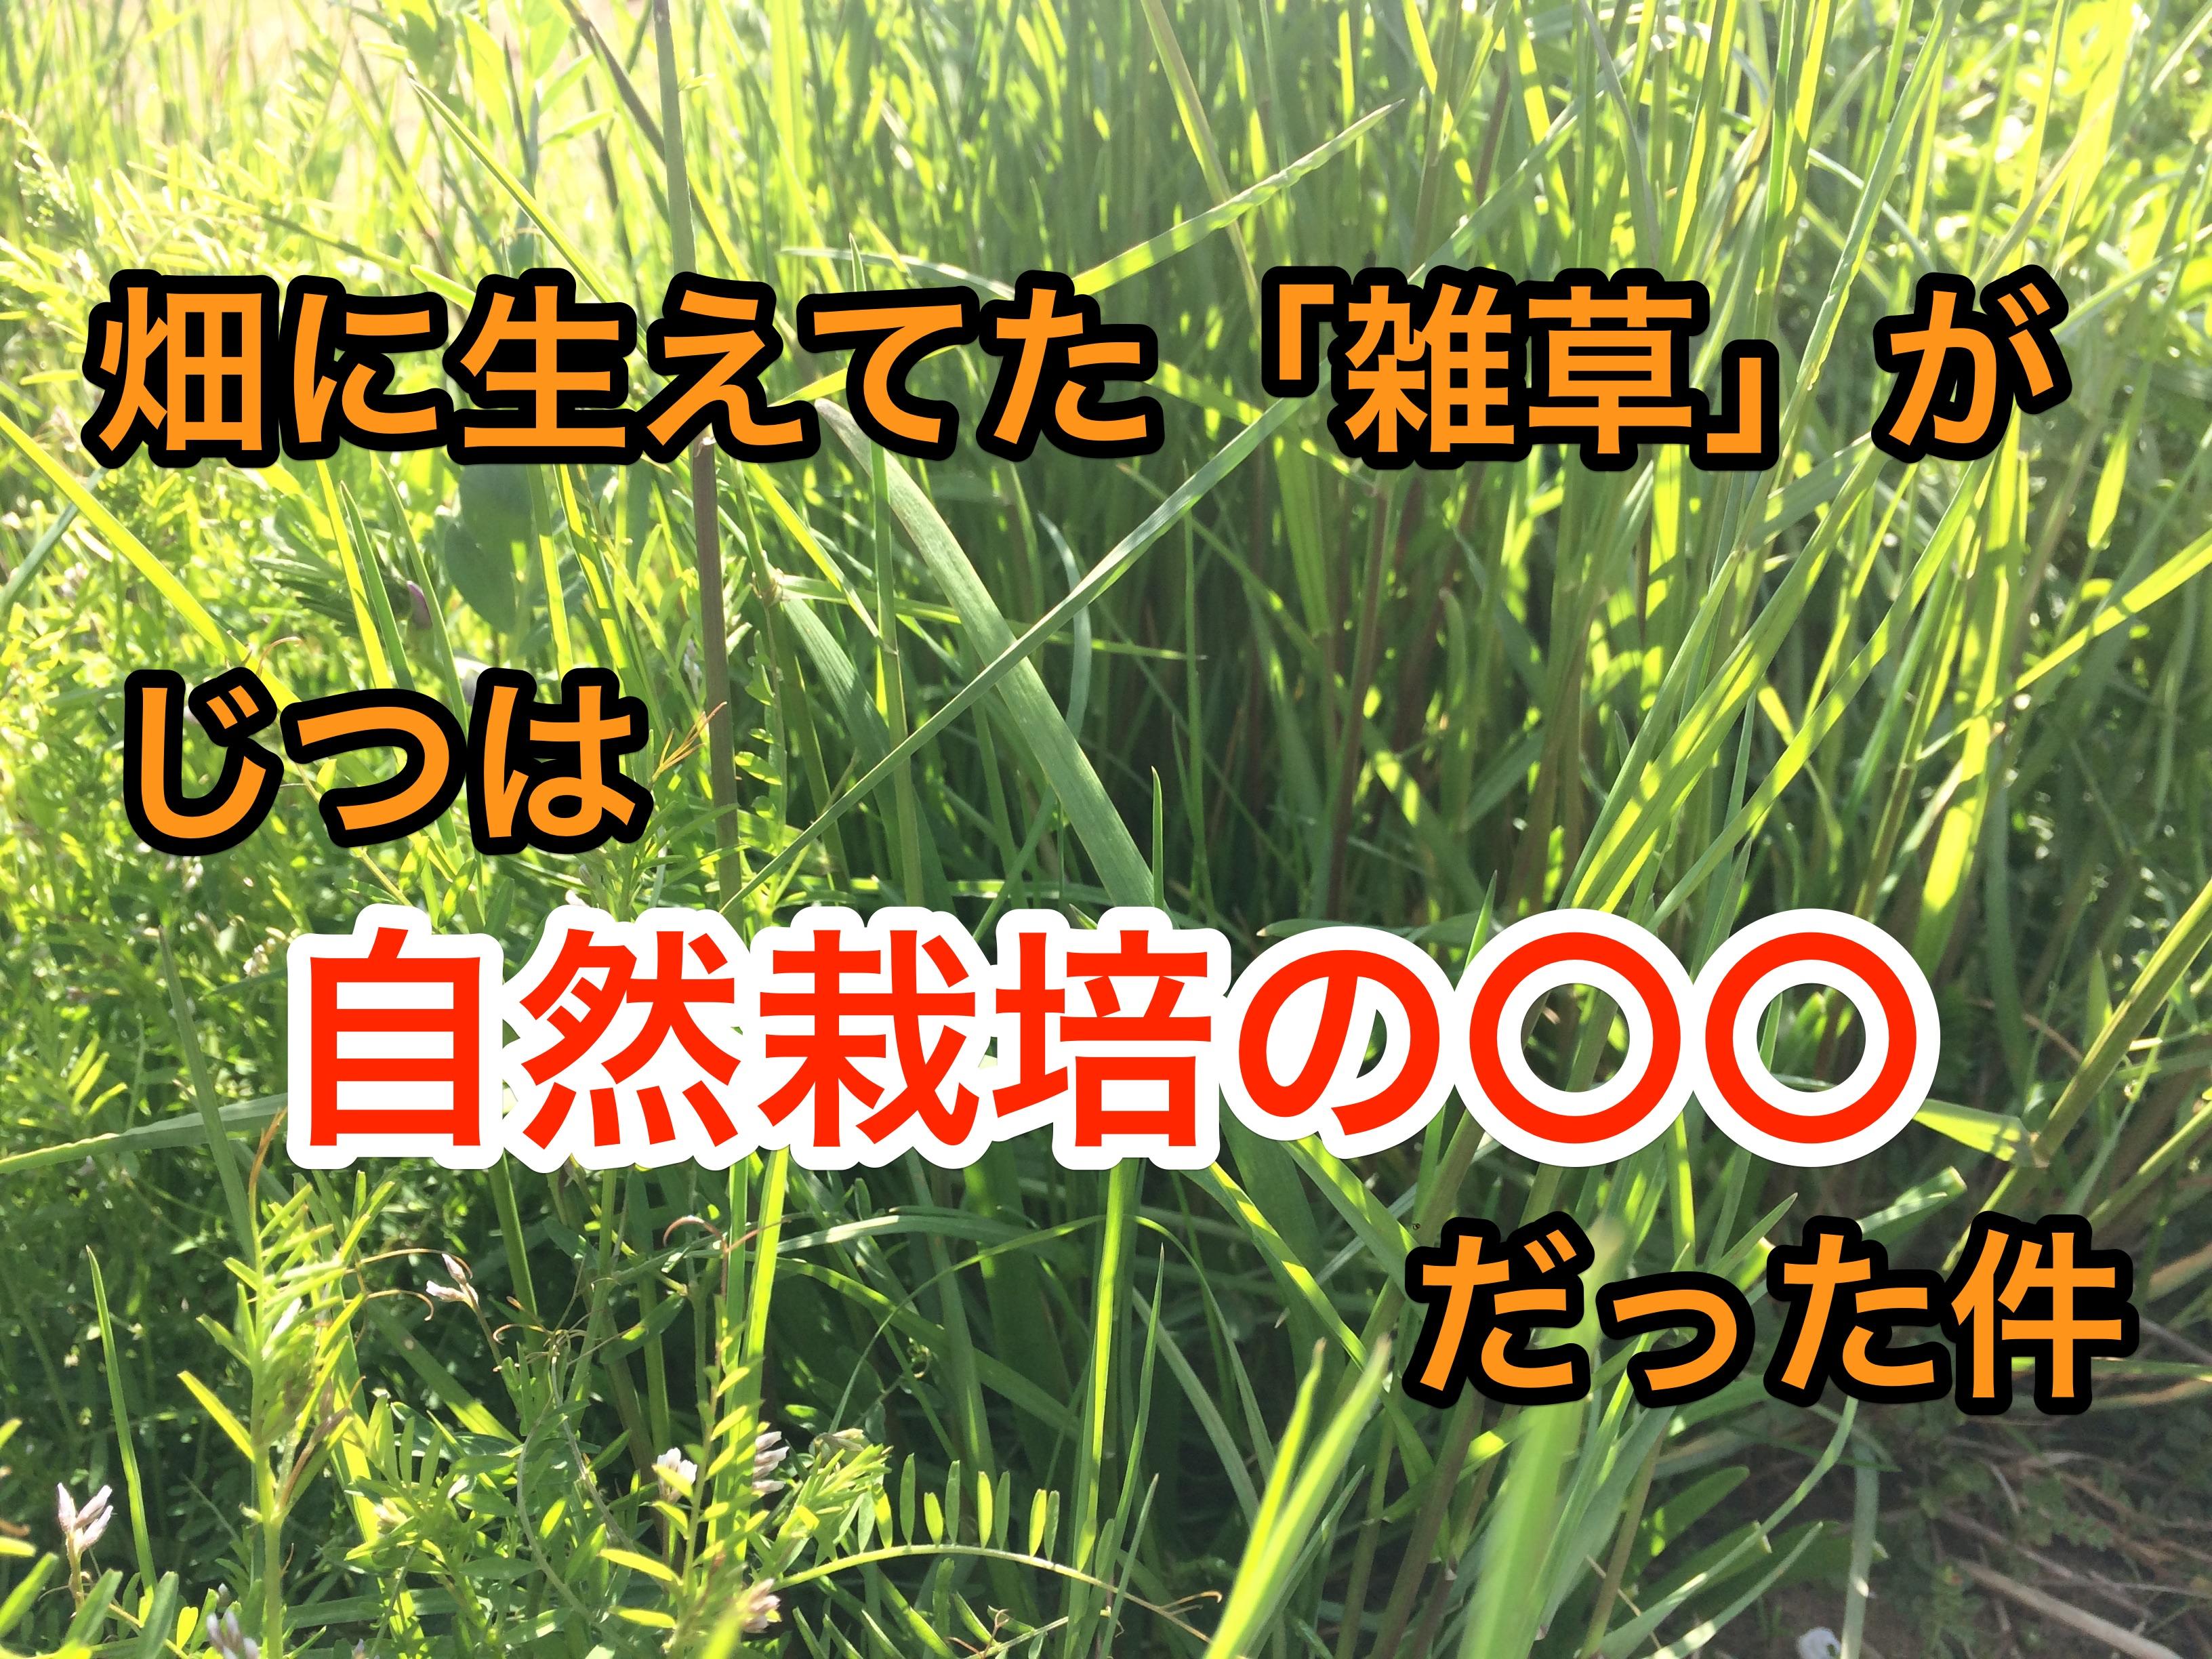 畑に生えてた「雑草」が、じつは「自然栽培の〇〇」だった件